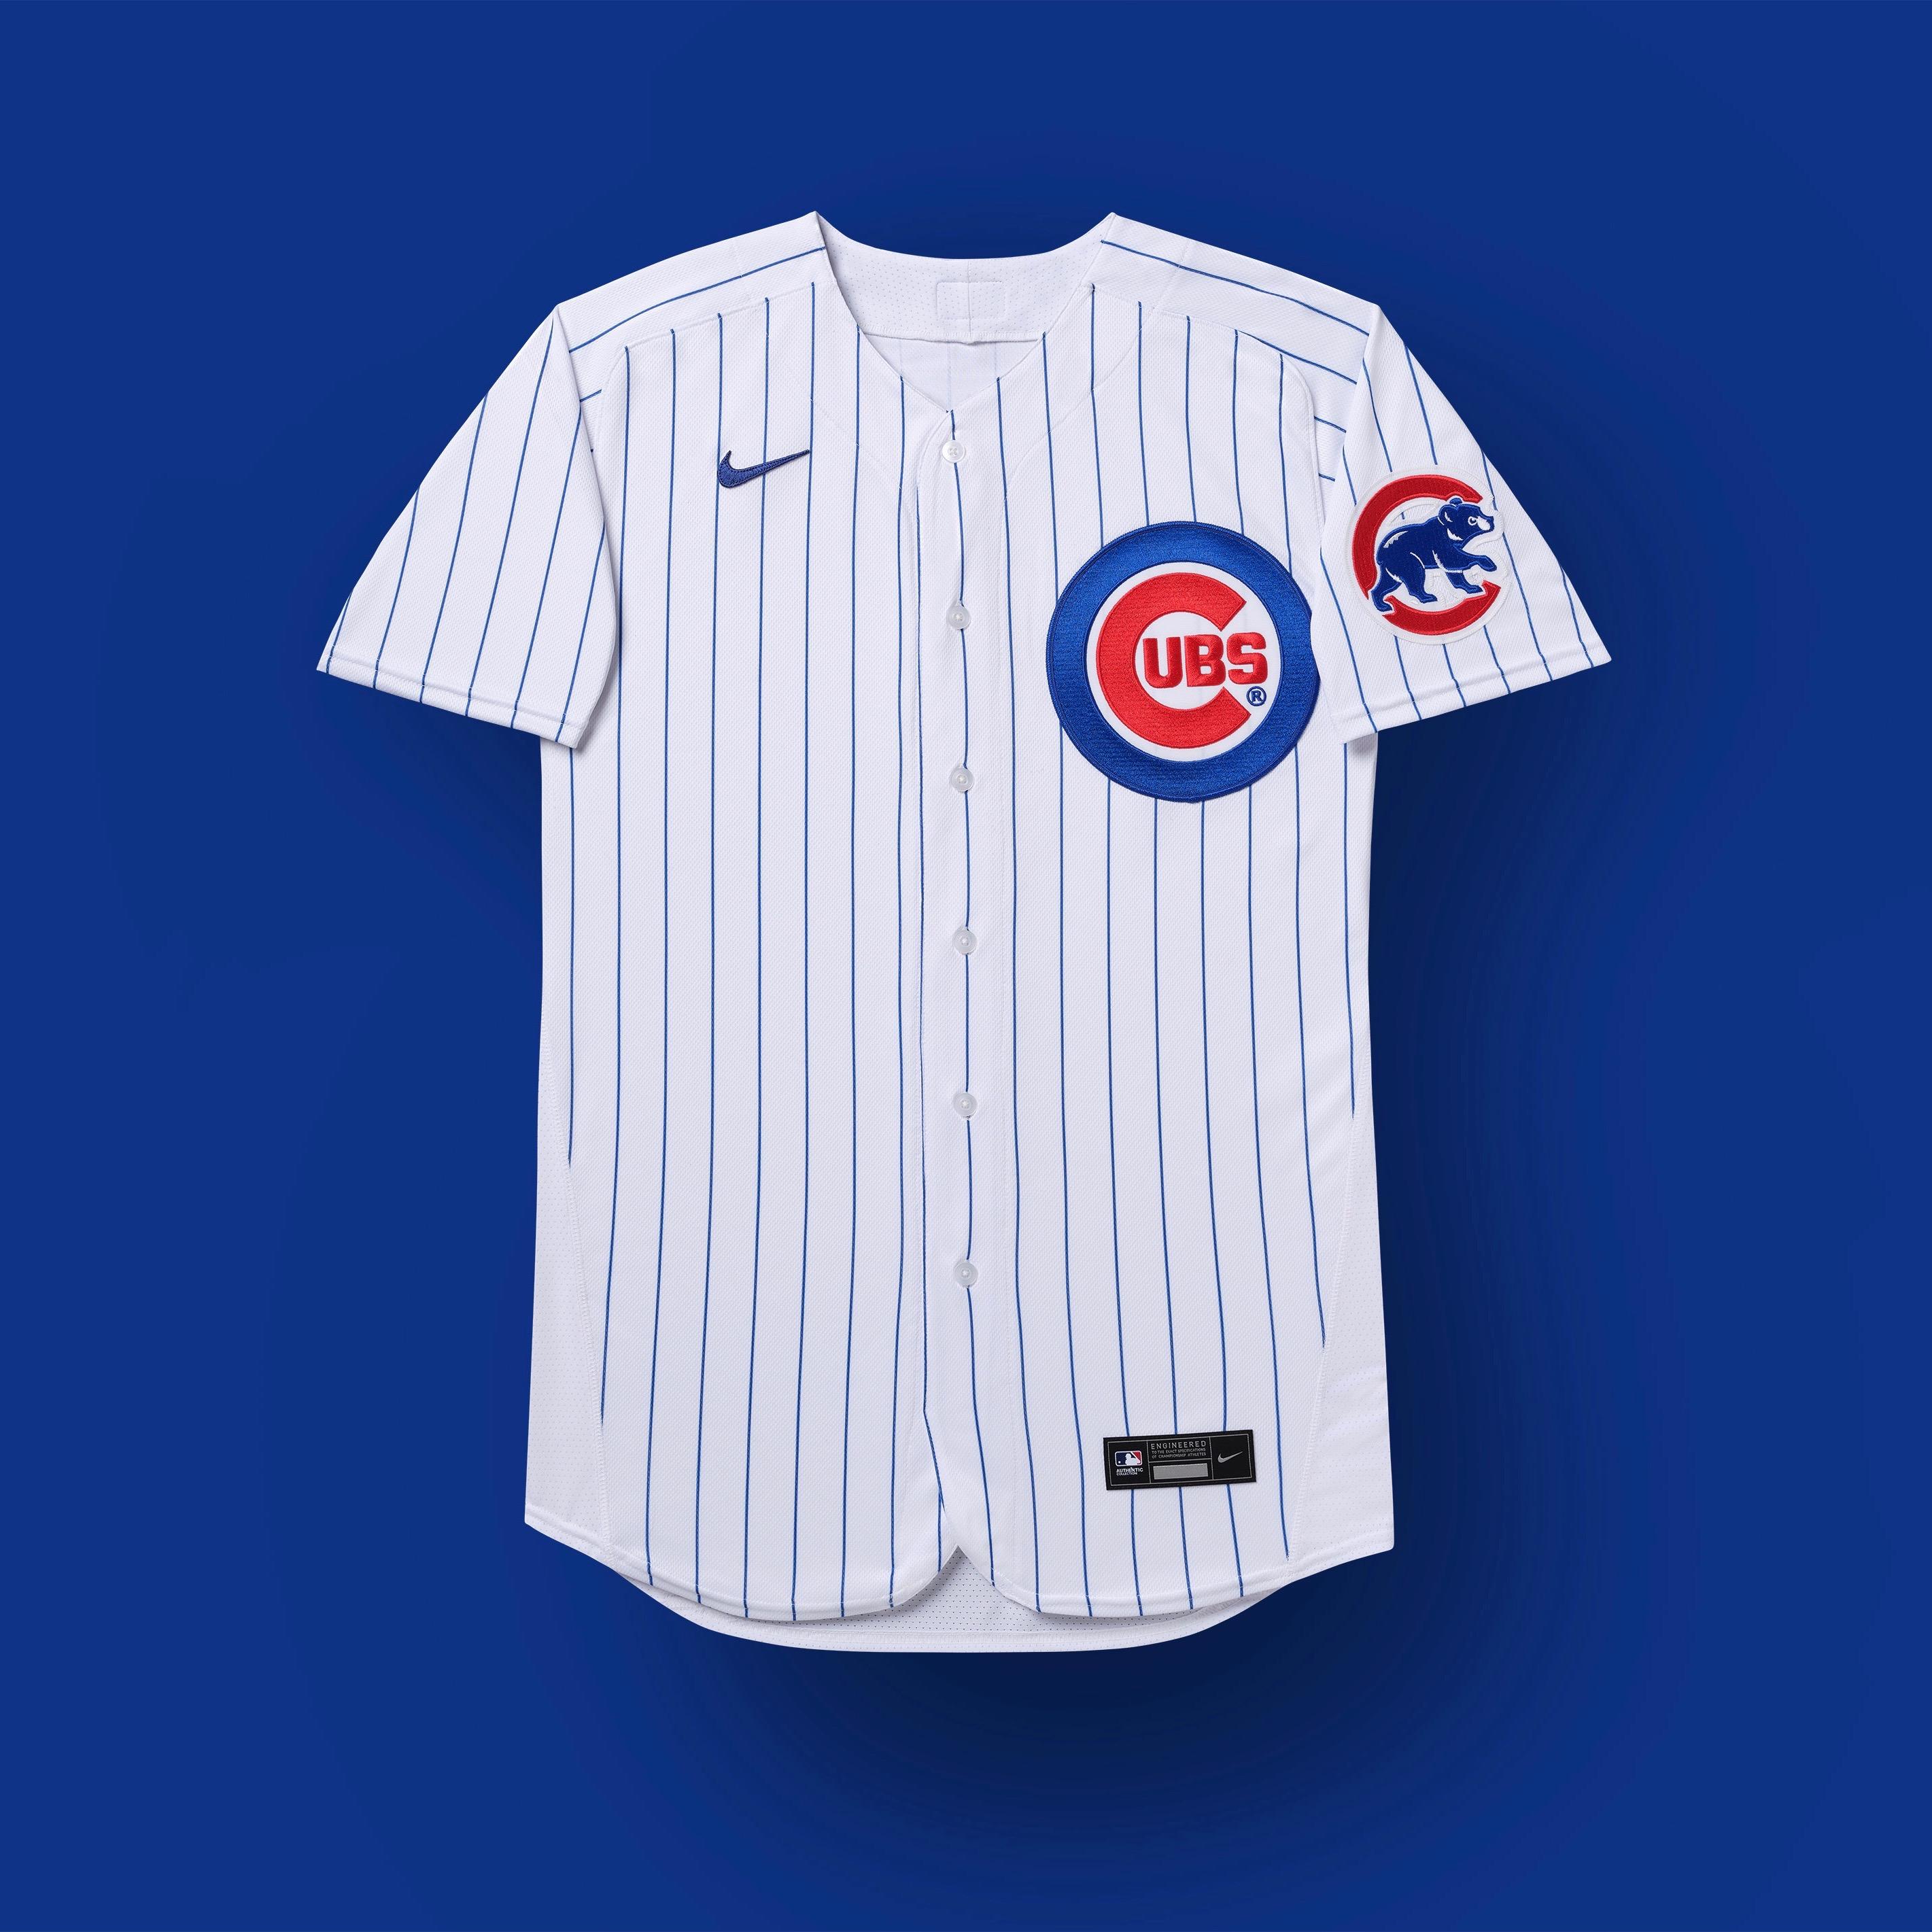 uniformes de los cachorros de chicago 2020